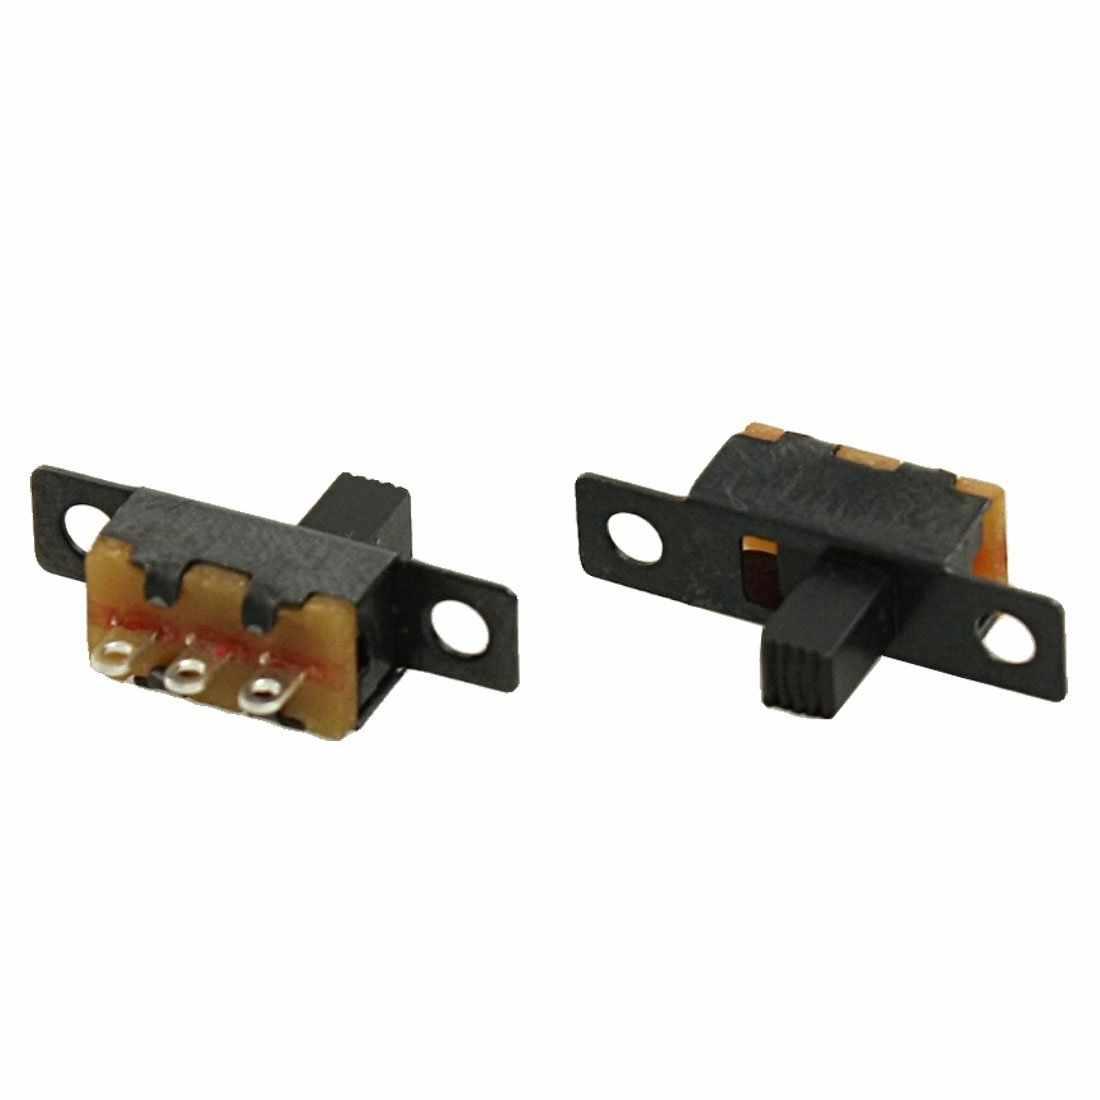 MYLB-5 個 50V 0.5A 3 ピン 2 ポジション/オフ 1P2T SPDT スライドスイッチ 3 ピン